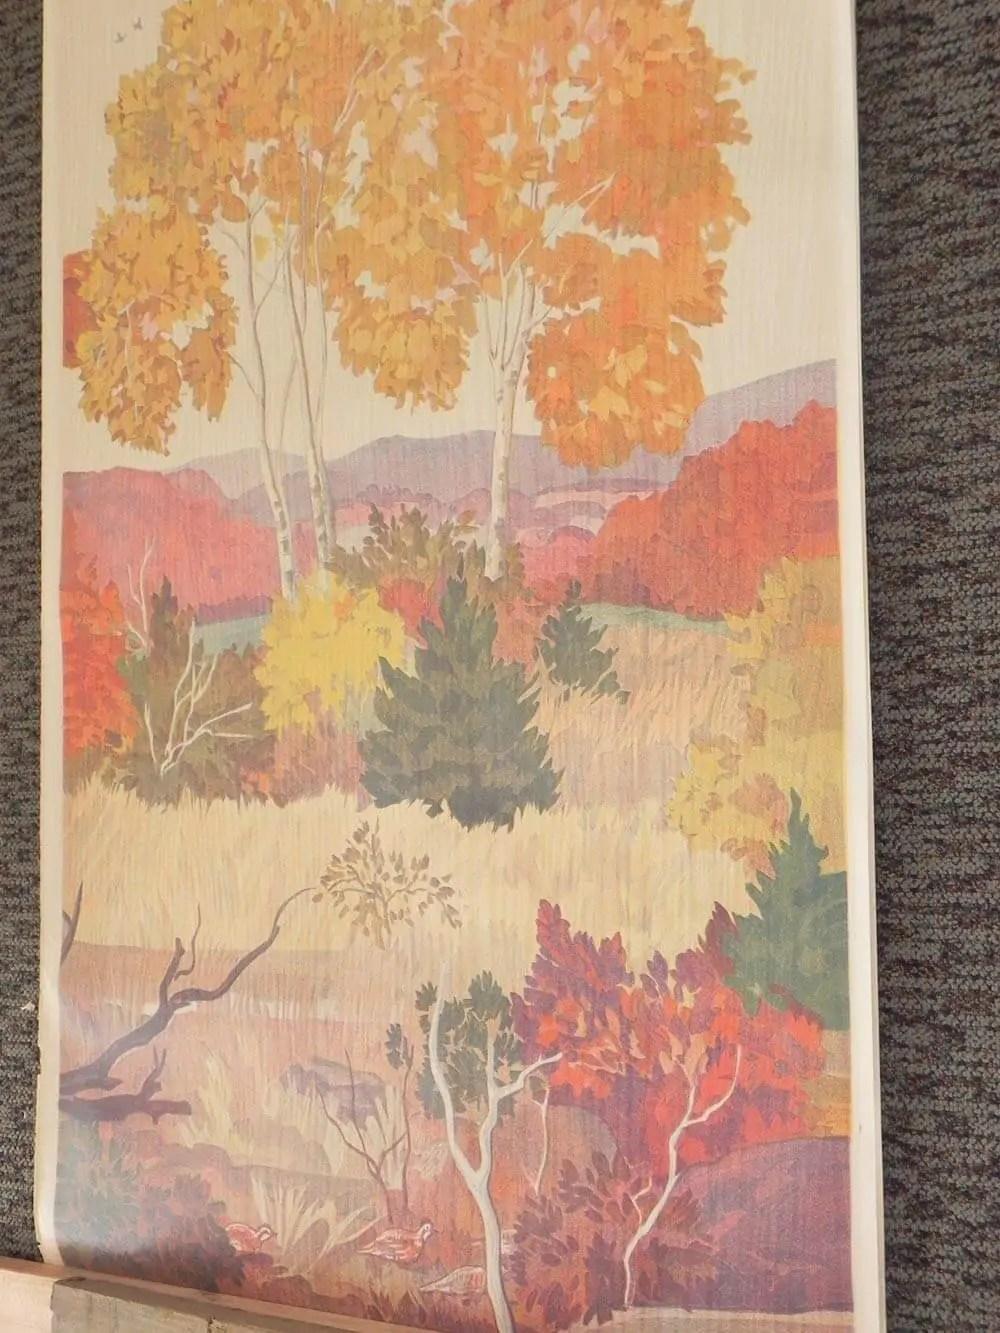 Fall Trees Wallpaper Full Room Vintage Wallpaper Murals By The Schmitz Horning